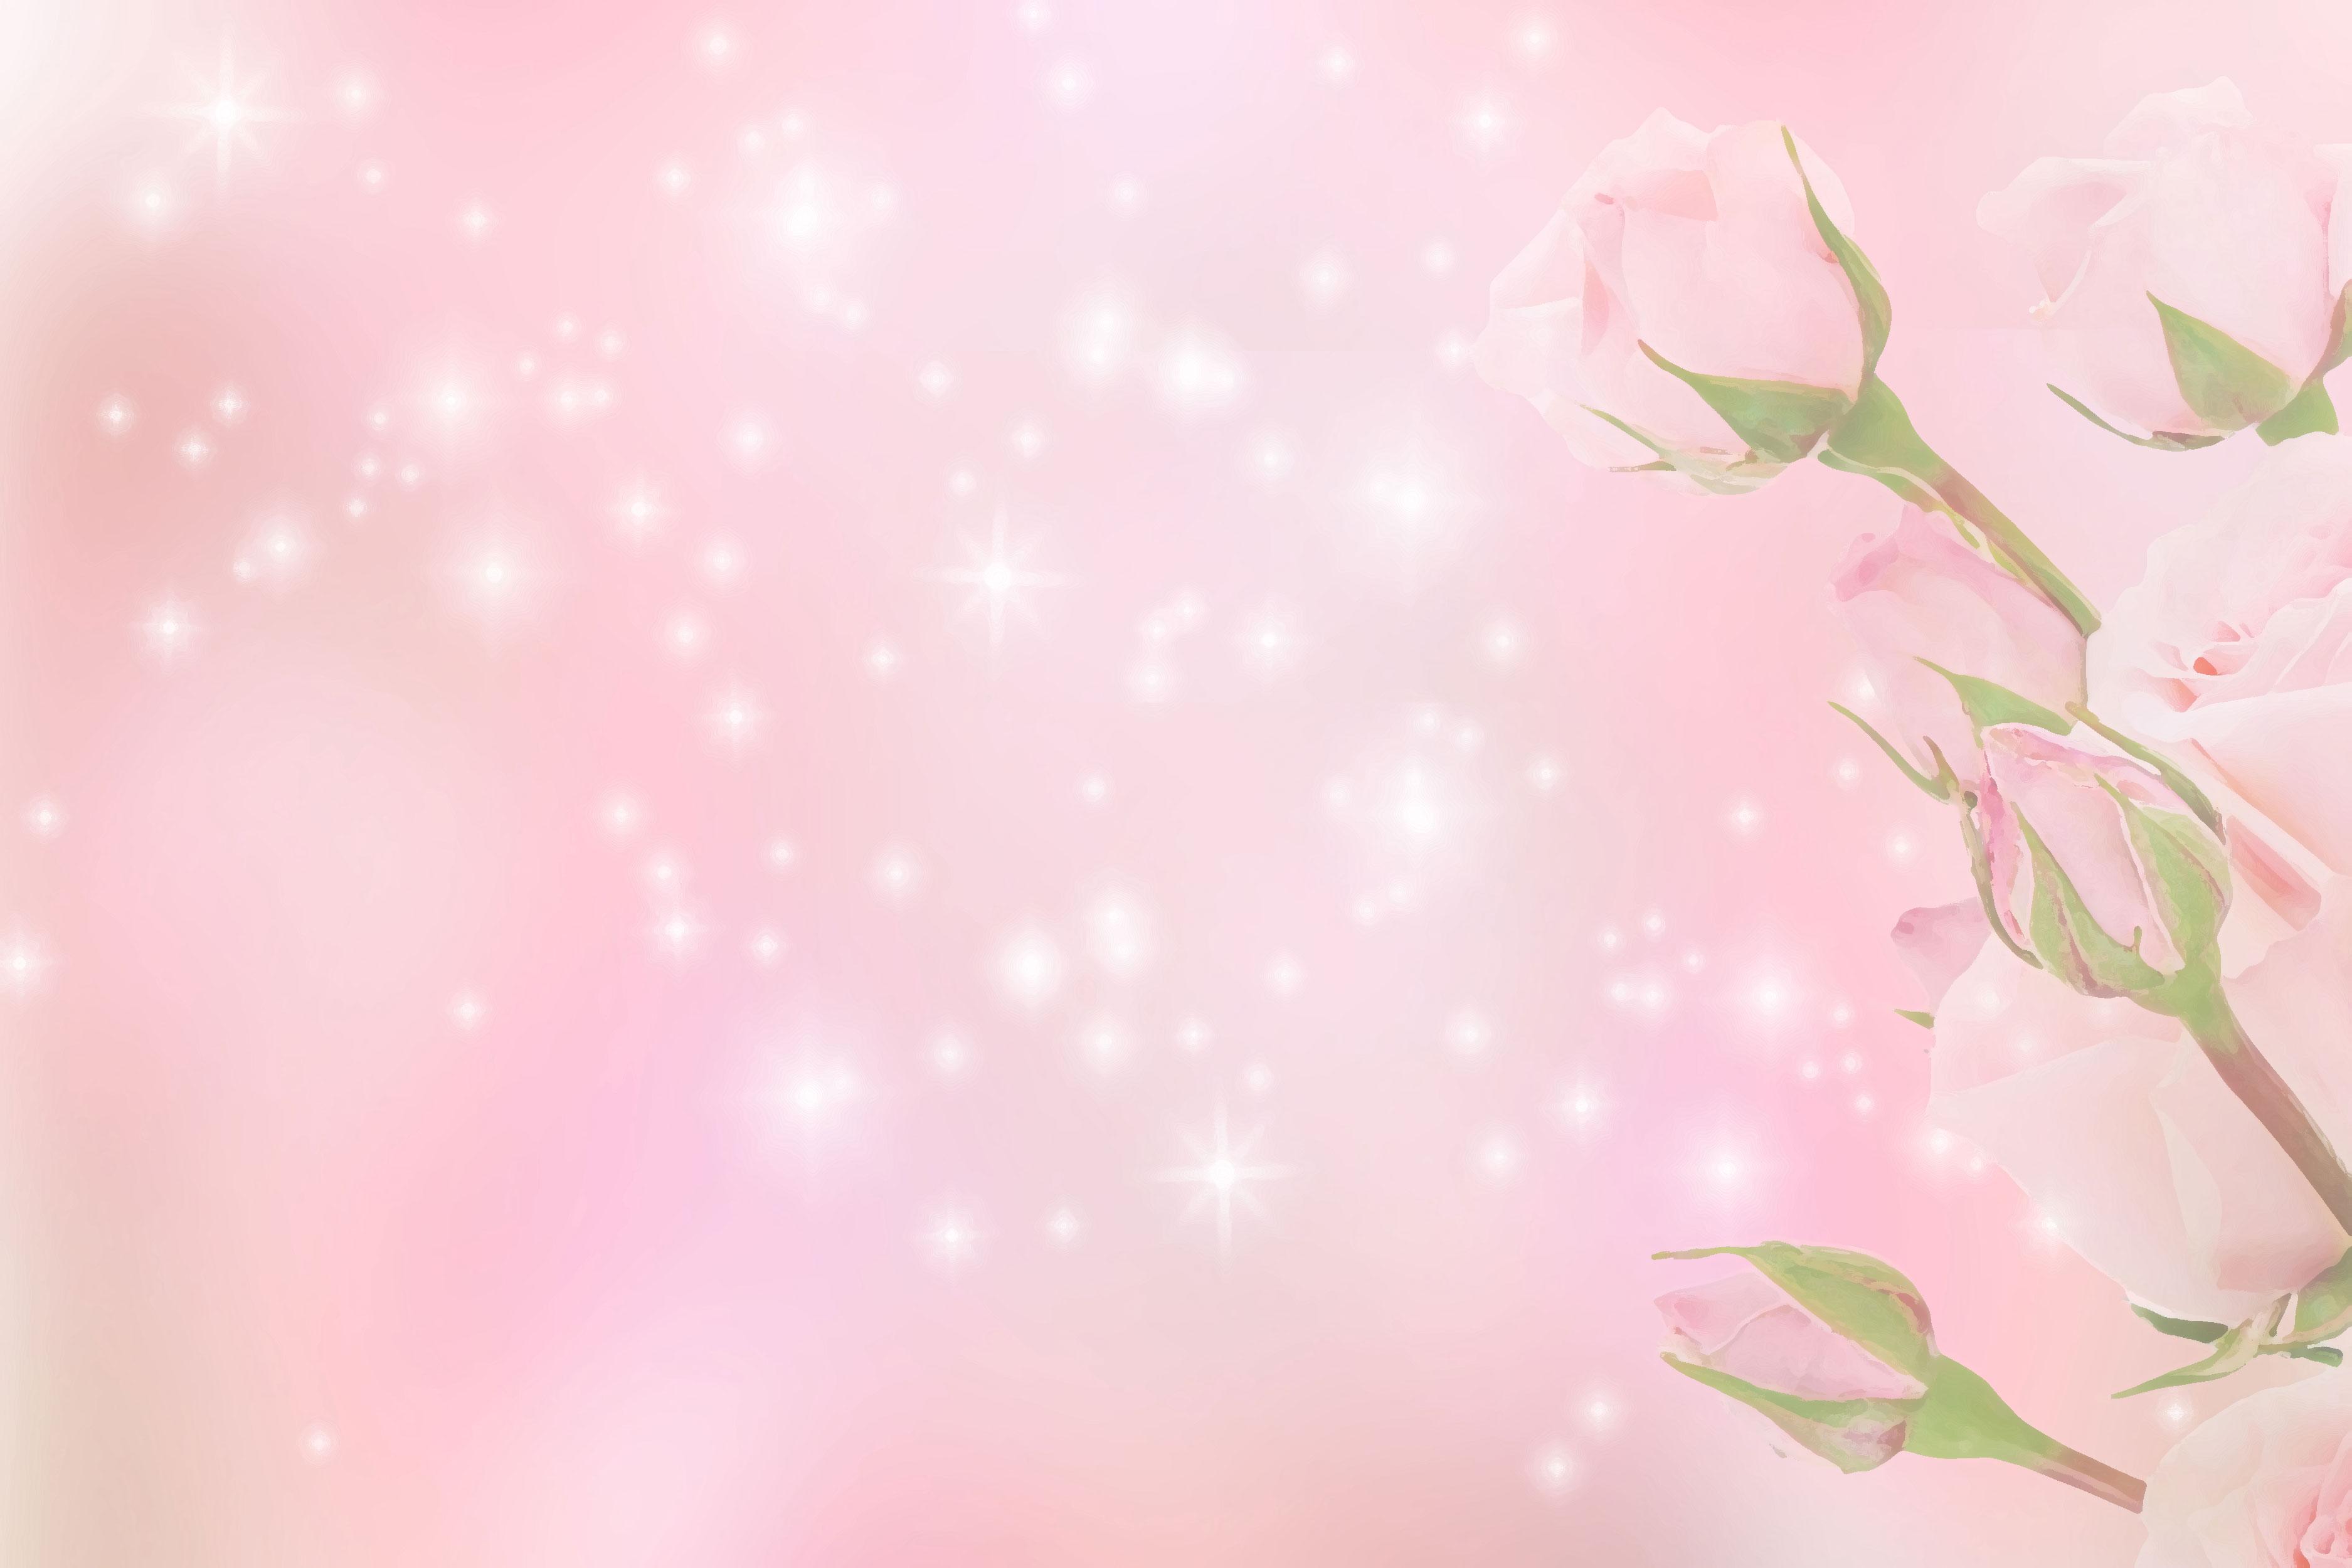 花のイラスト・フリー素材/壁紙・背景no.069『バラ・ピンク・光輝く』